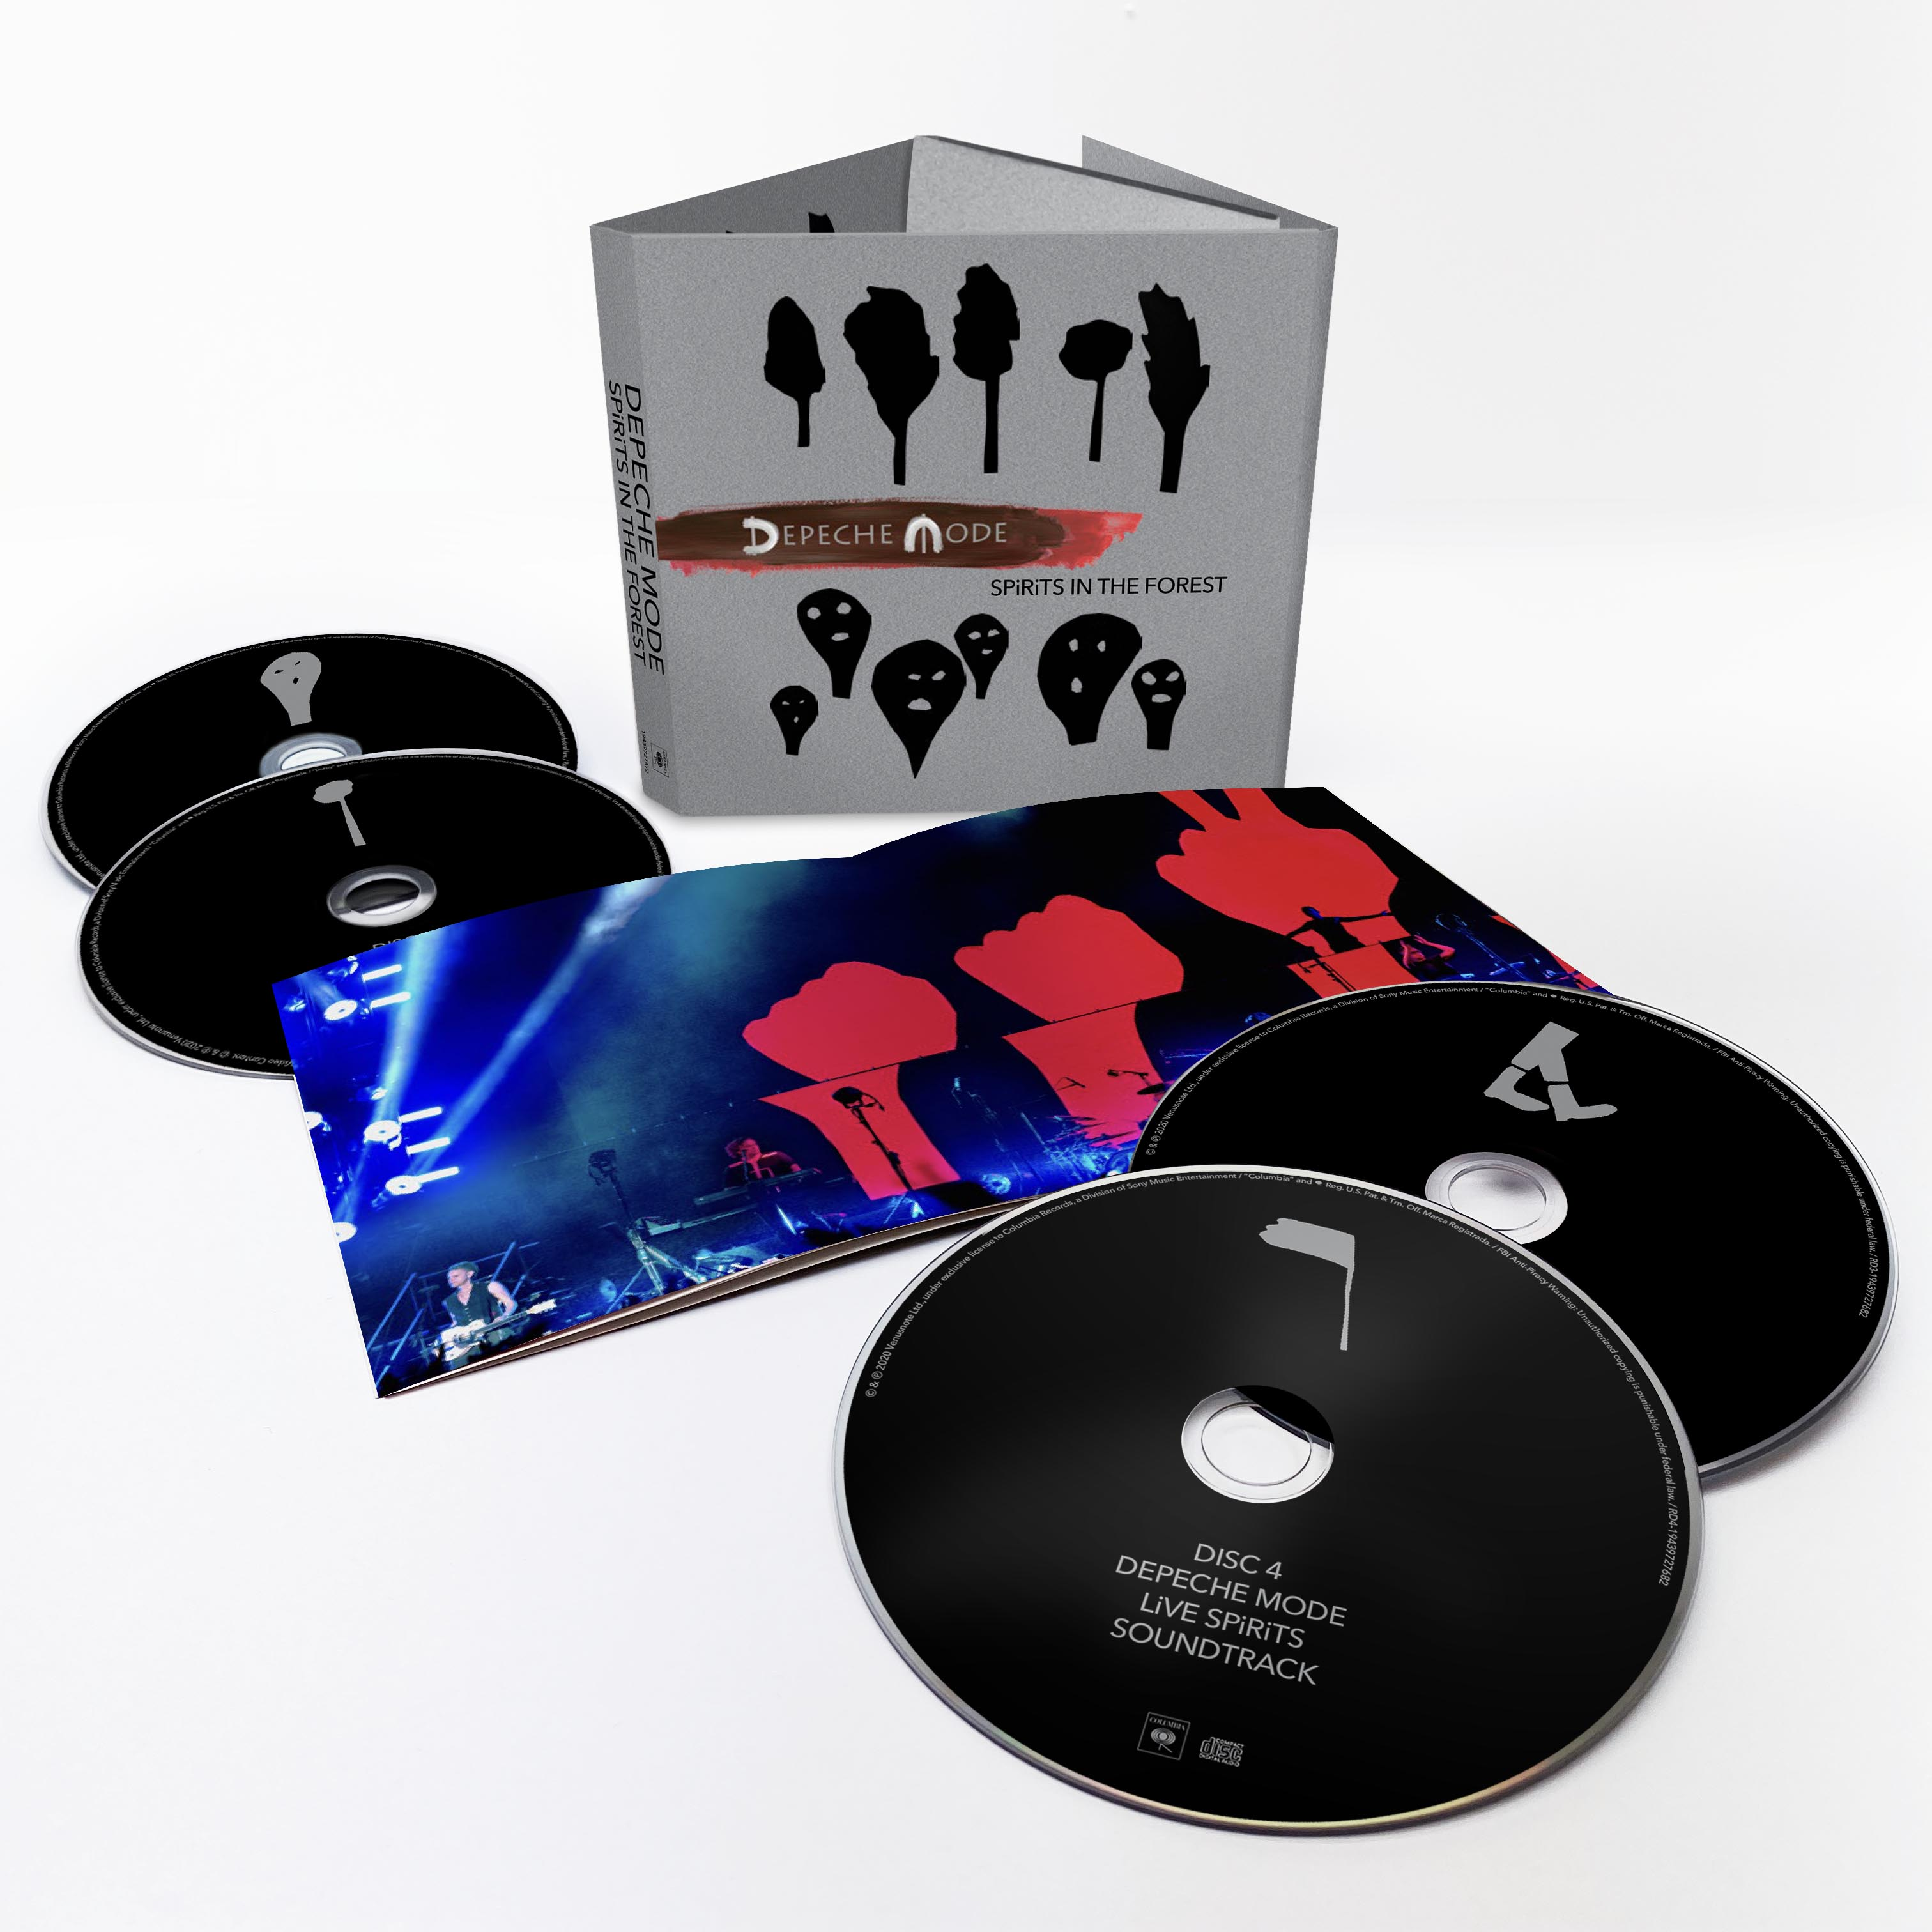 foto: materiały prasowe Sony Music